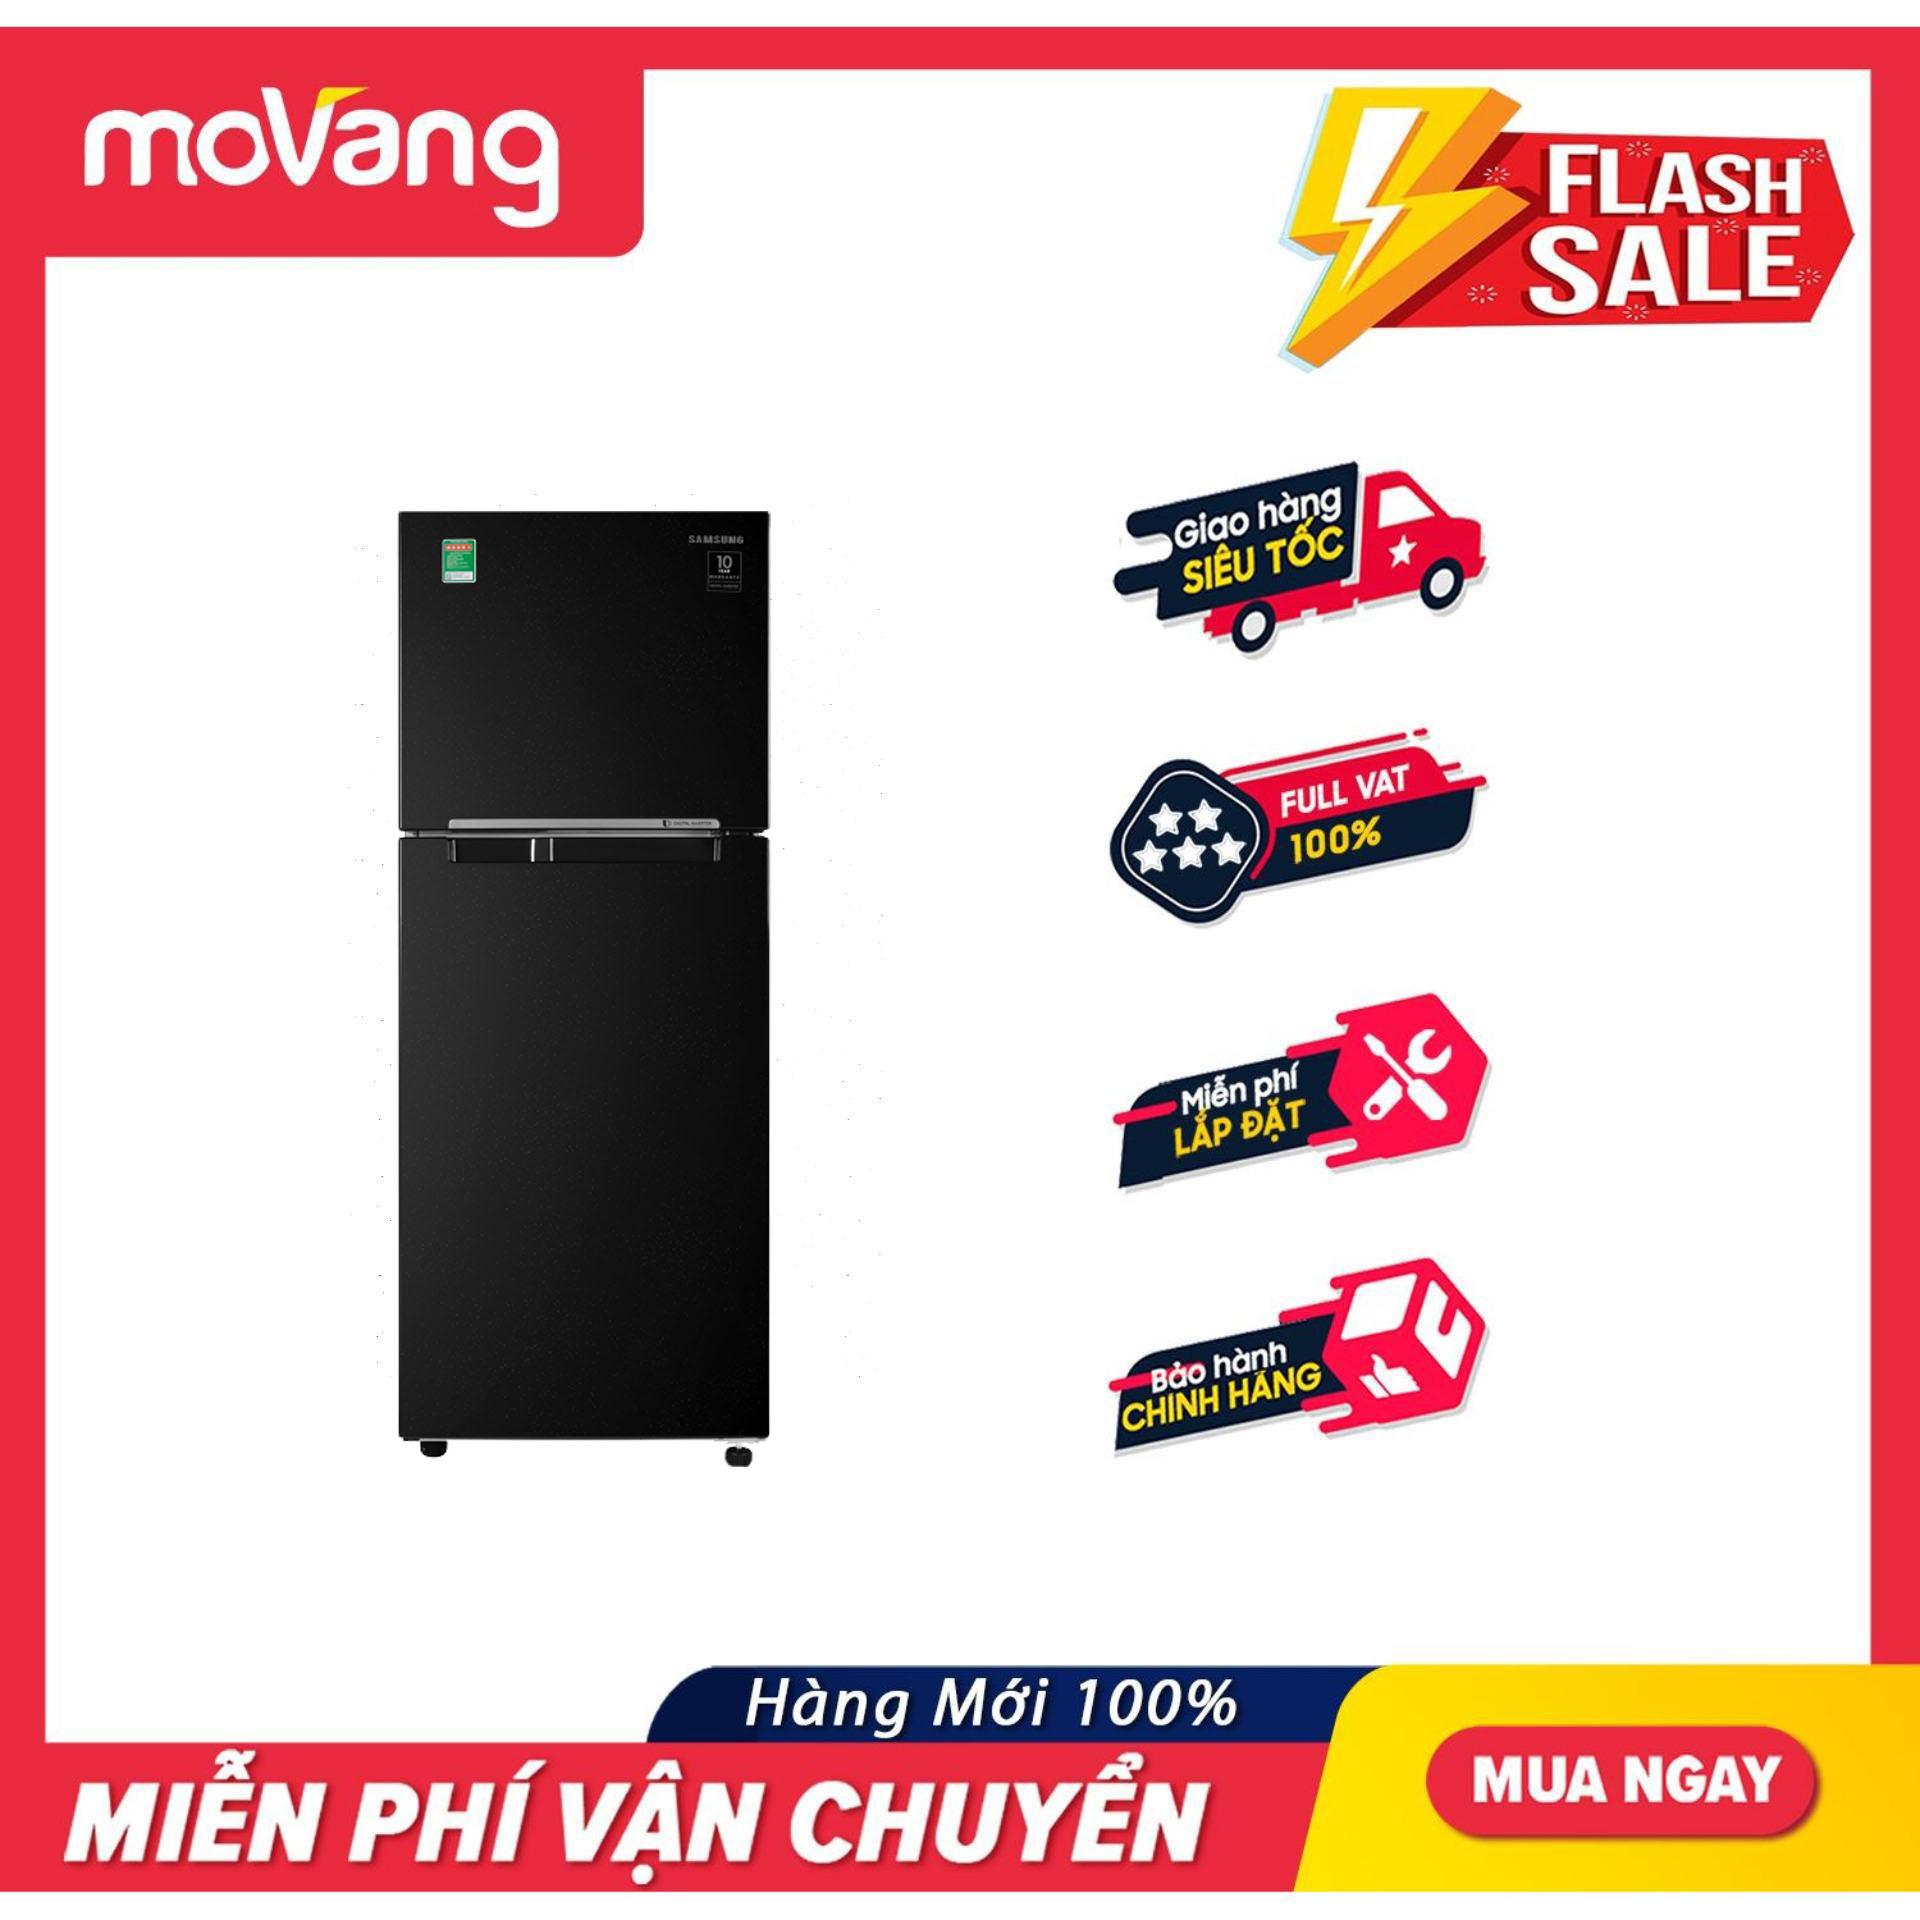 [HCM][TRẢ GÓP 0%] Tủ lạnh Samsung Inverter 236 lít RT22M4032BU/SV - Dung tích 236 lít Công nghệ Inverter